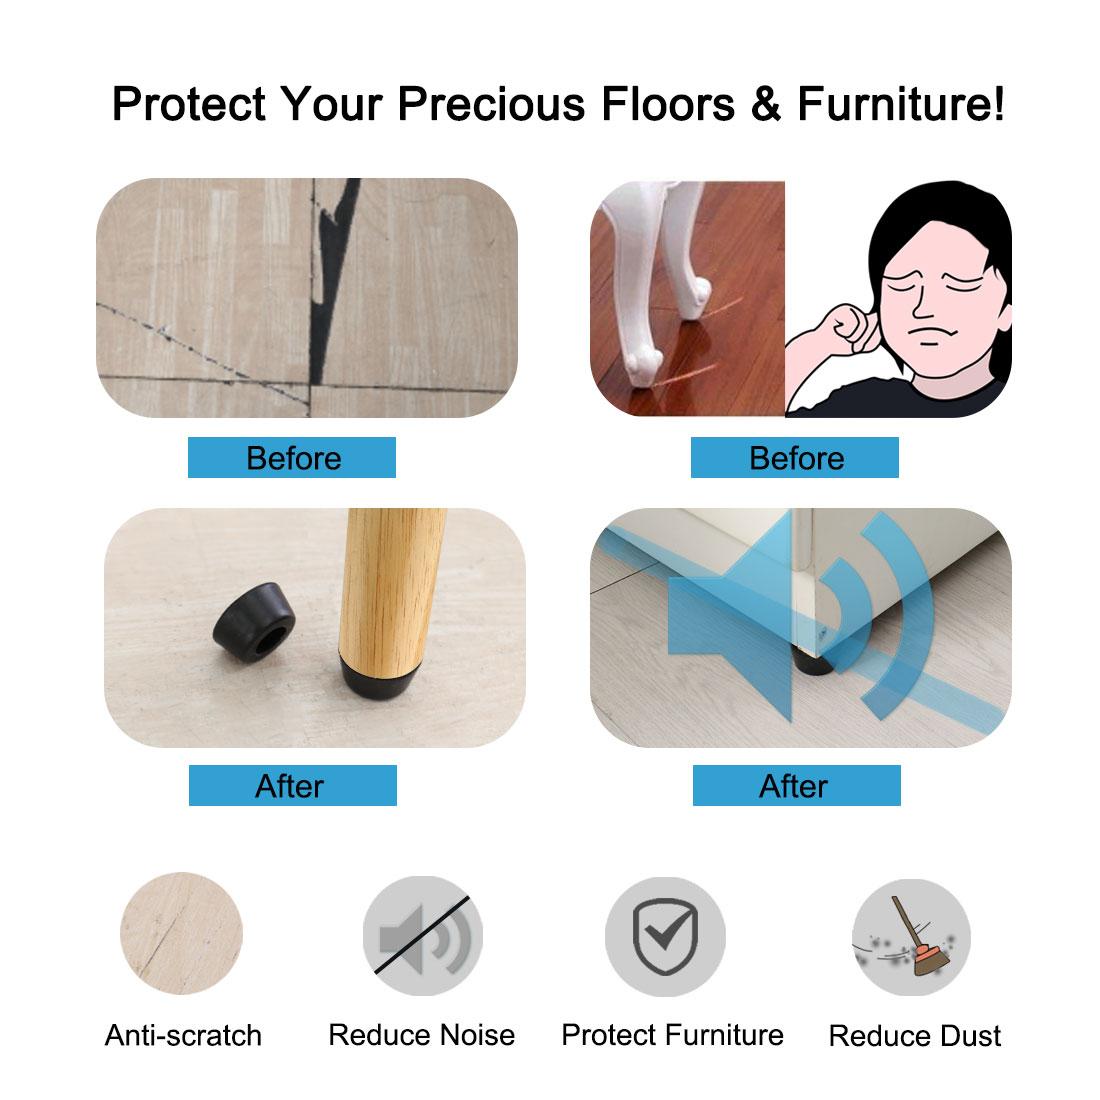 100pcs Rubber Feet Bumper Buffer Desk Leg Pads with Metal Washer, D25x21xH13mm - image 5 de 7